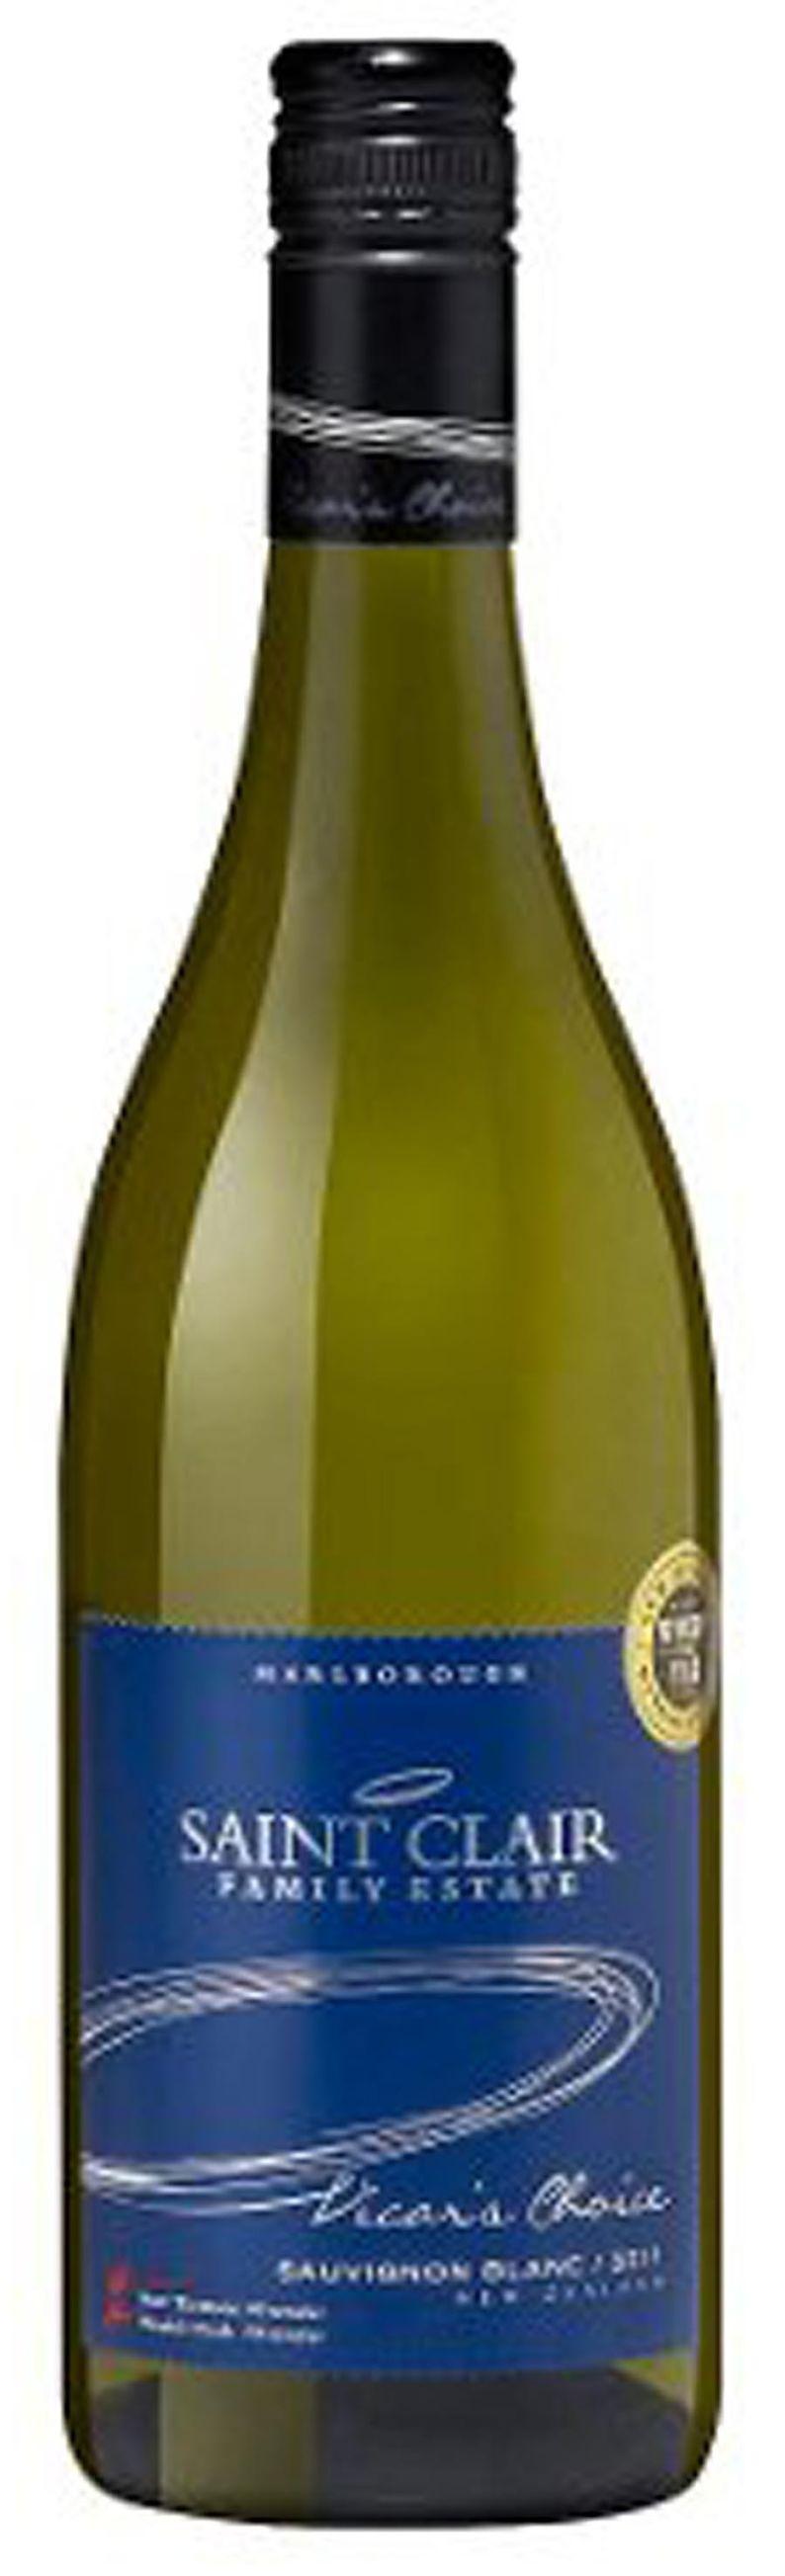 2011 Saint Clair Vicar's Choice Sauvignon Blanc_lowres